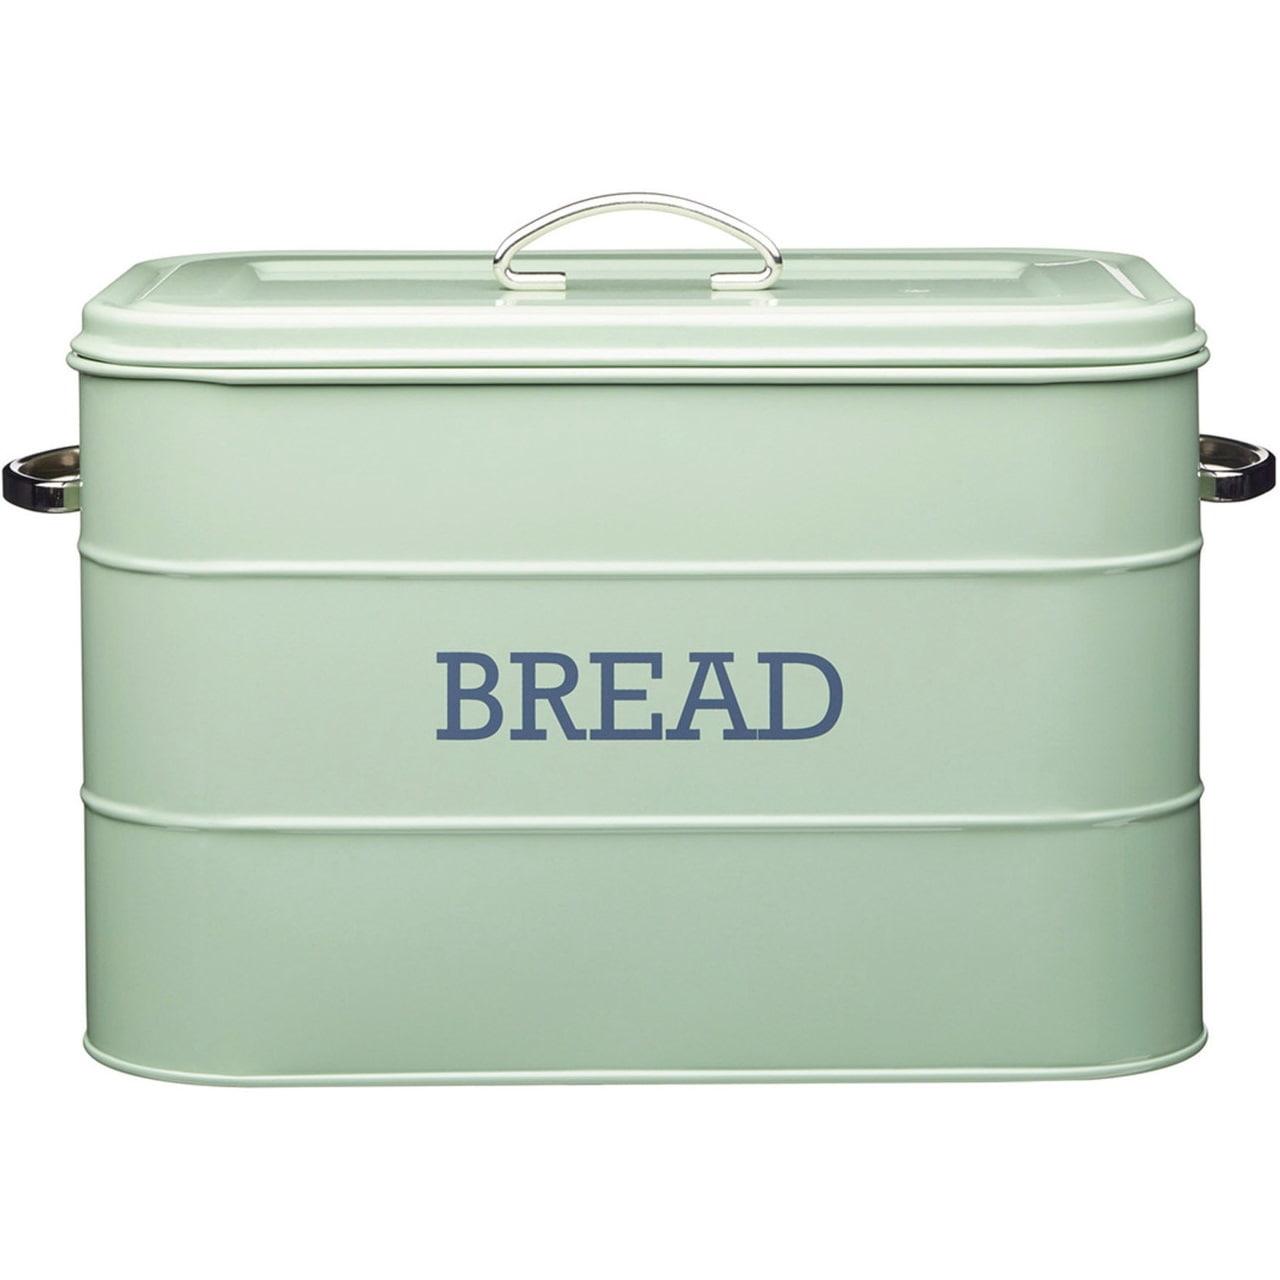 Kitchen Craft Kovový box na pečivo Bread Sage green, zelená barva, kov